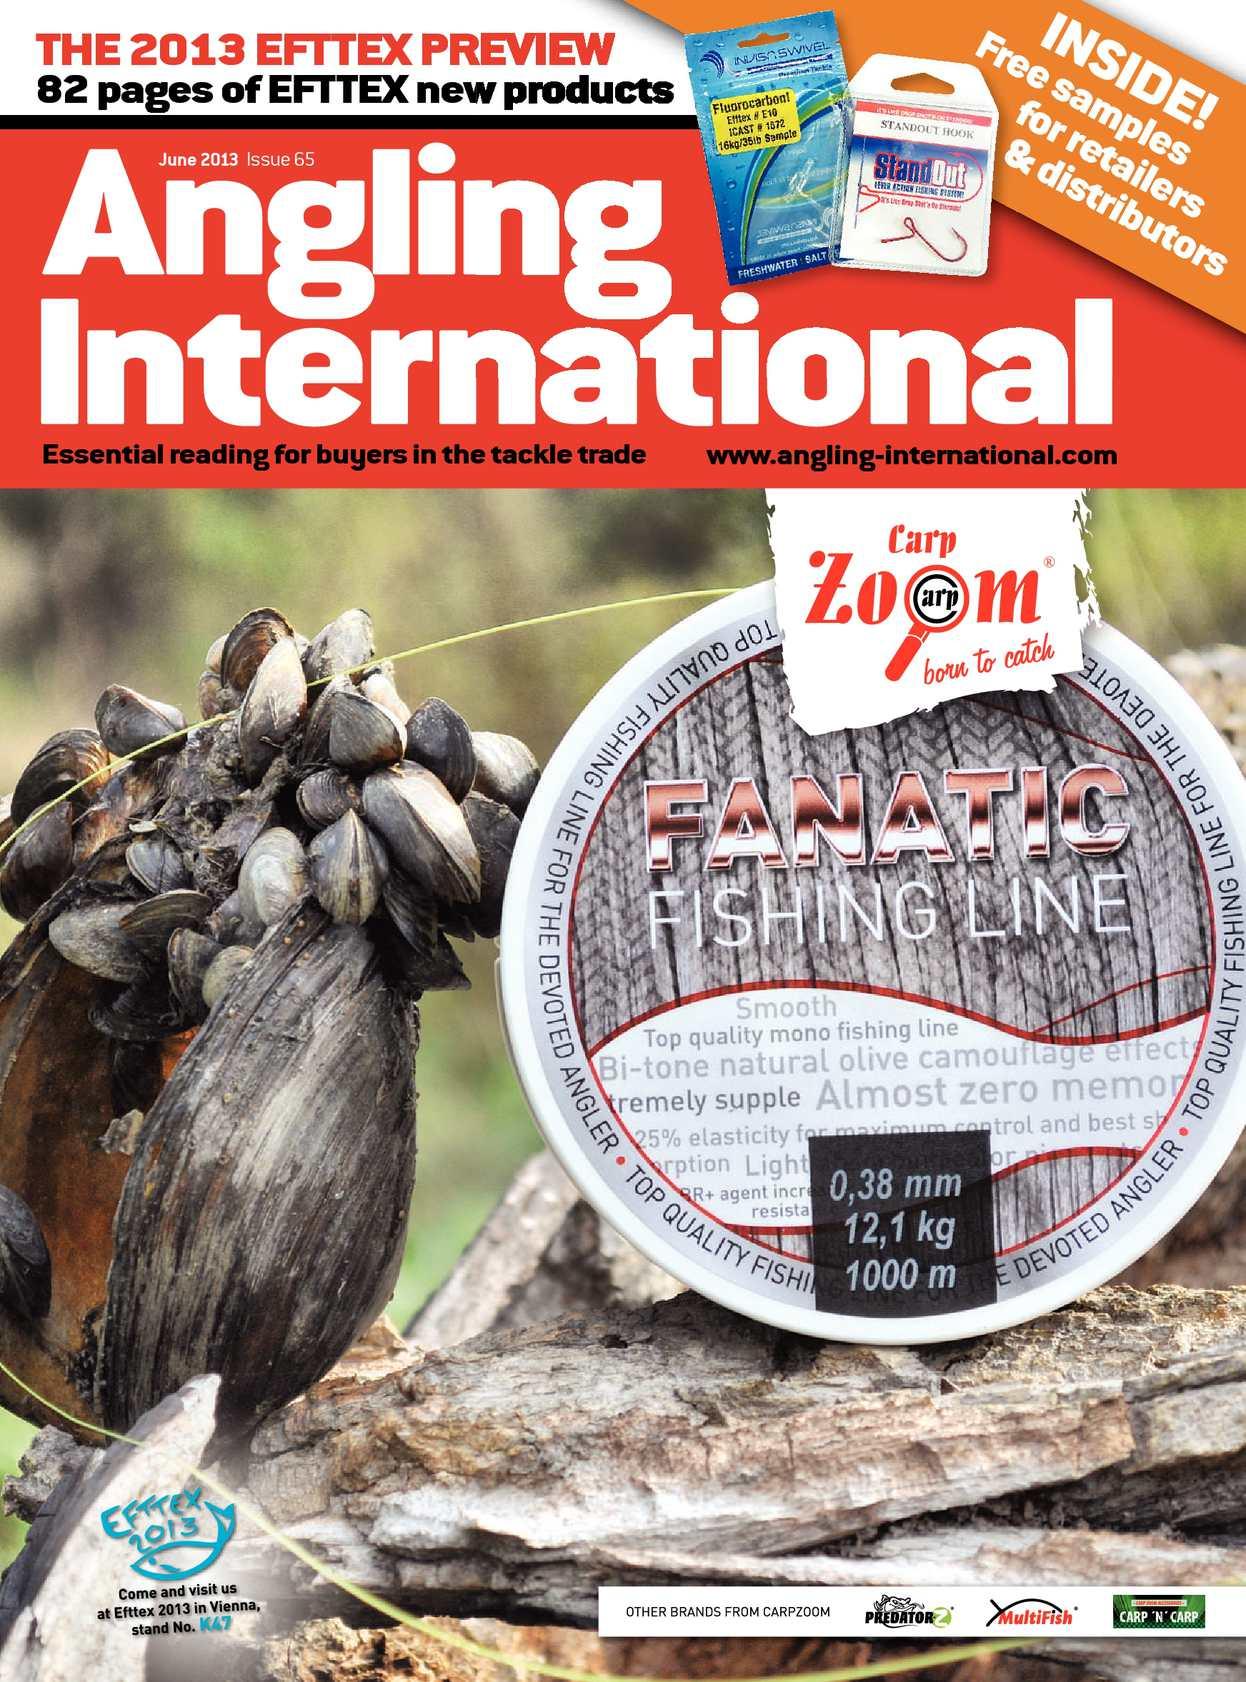 10 x SPECIALIST LONG RANGE CATAPULT CARP WHOLESALE FISHING BOILIES BAITS BULK